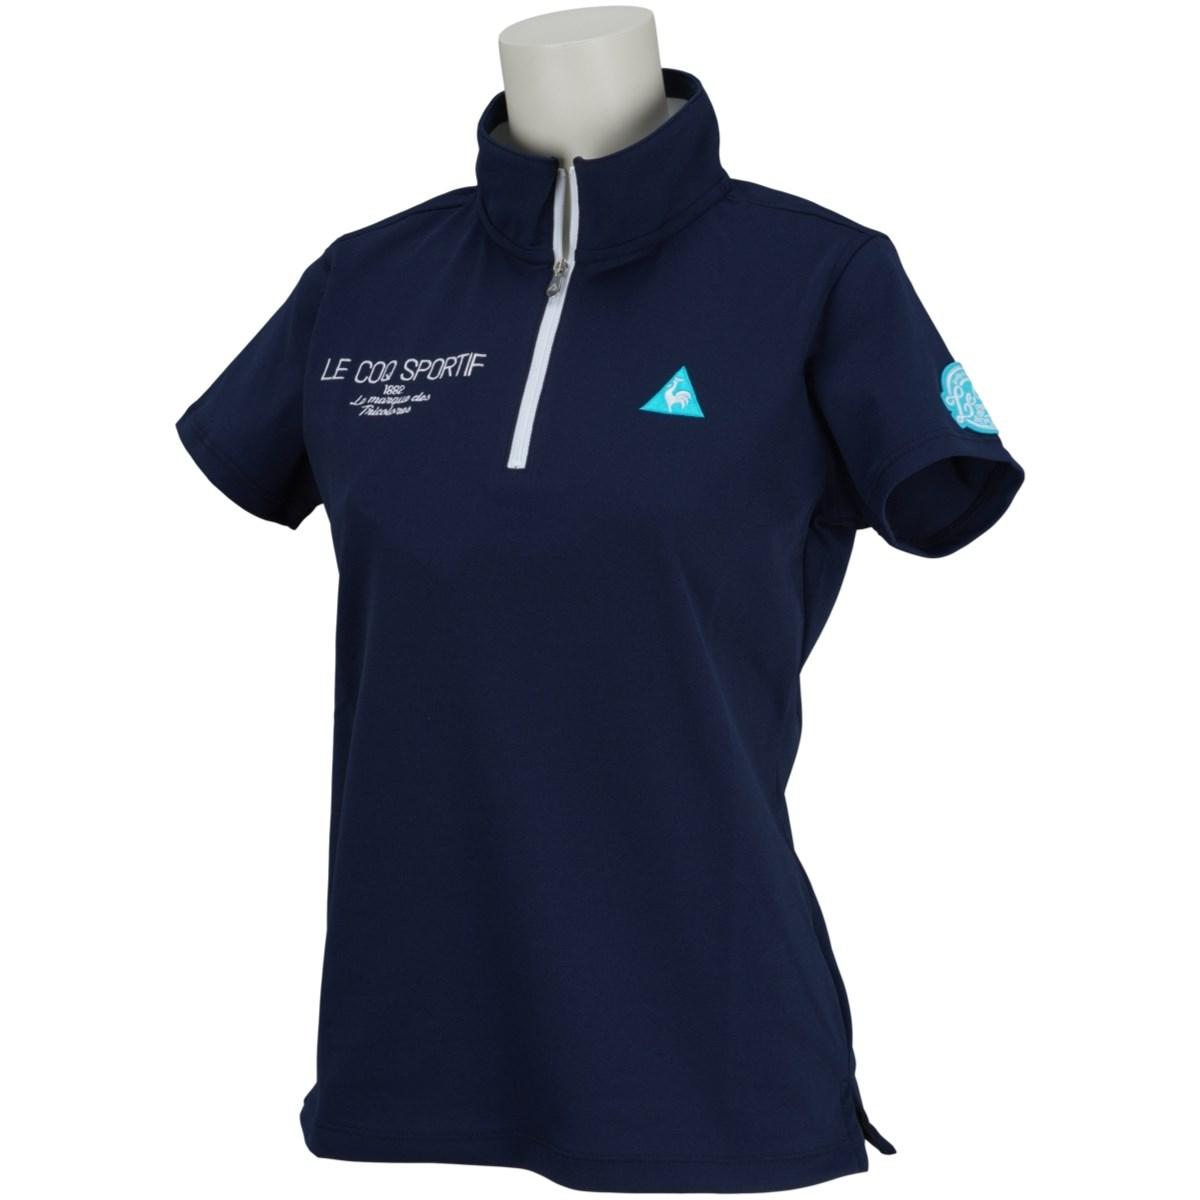 ルコックゴルフ Le coq sportif GOLF ハーフジップスタンドカラー 半袖シャツ S ネイビー 00 レディス